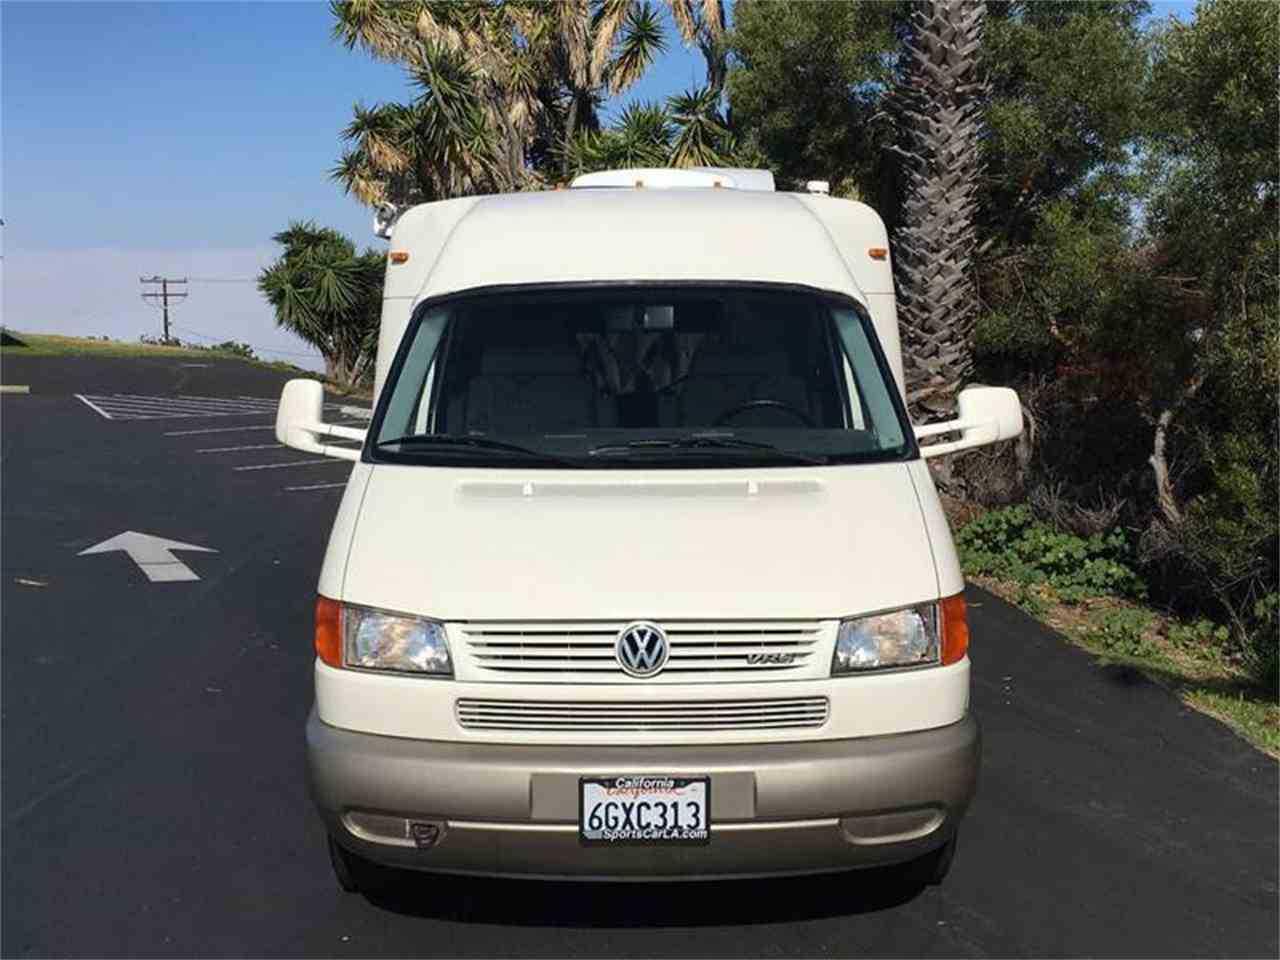 2001 WINNEBAGO VW RIALTA for sale in Los Angeles, CA